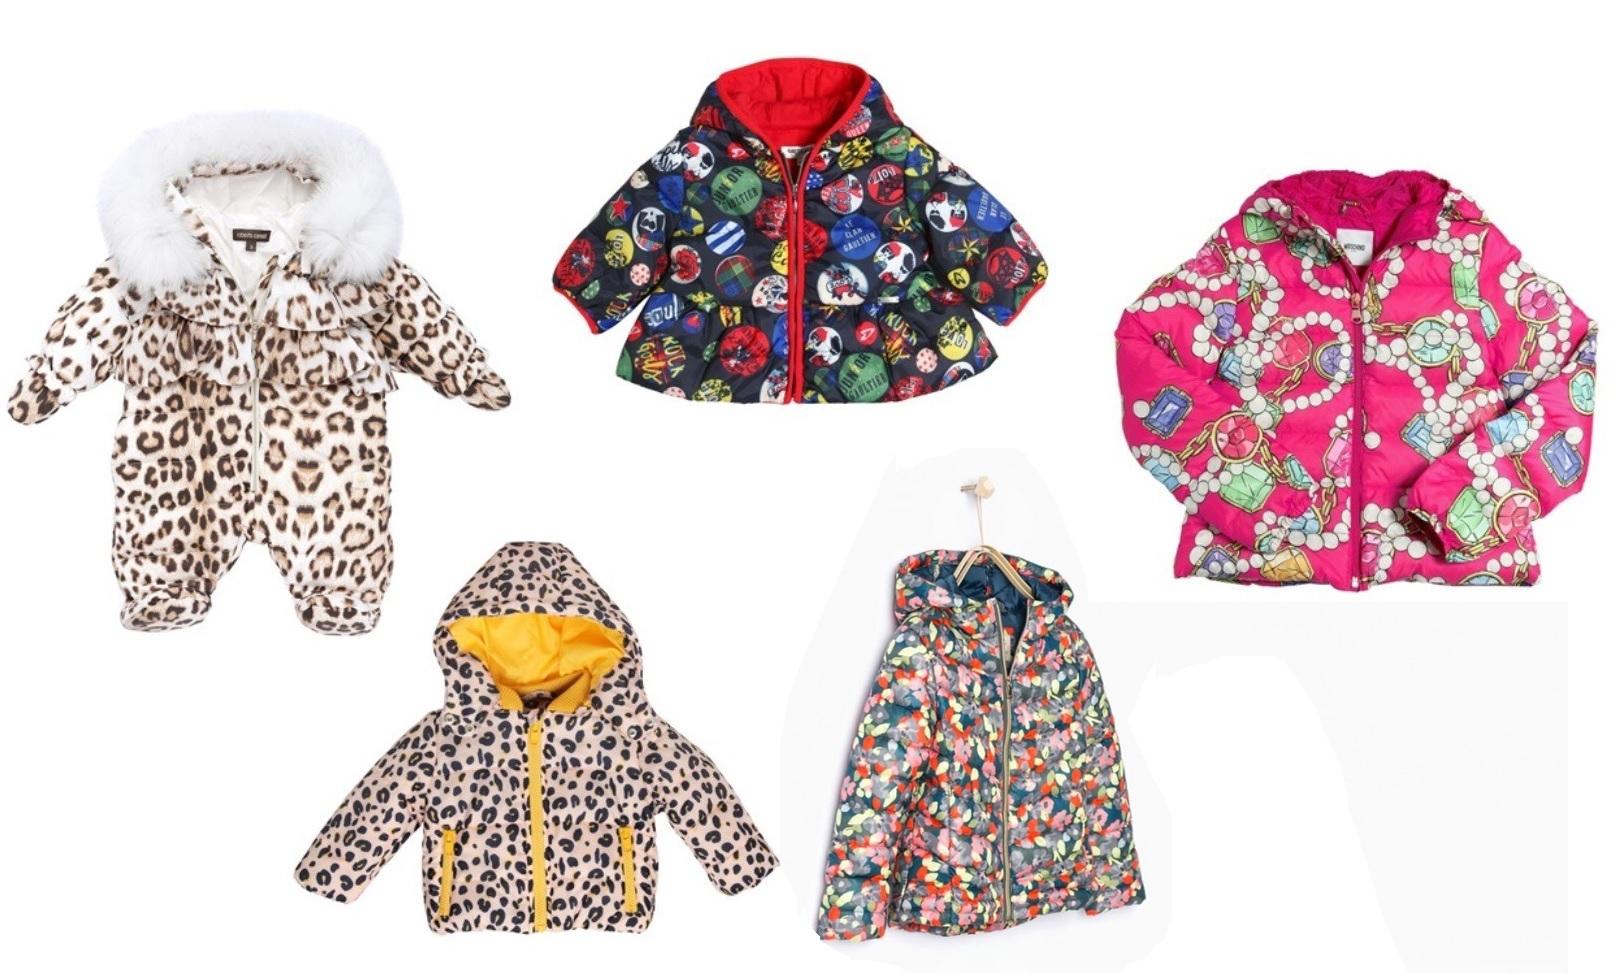 meet 37d87 990f5 Piumini per bambini: i modelli più fashion dell'inverno 2016